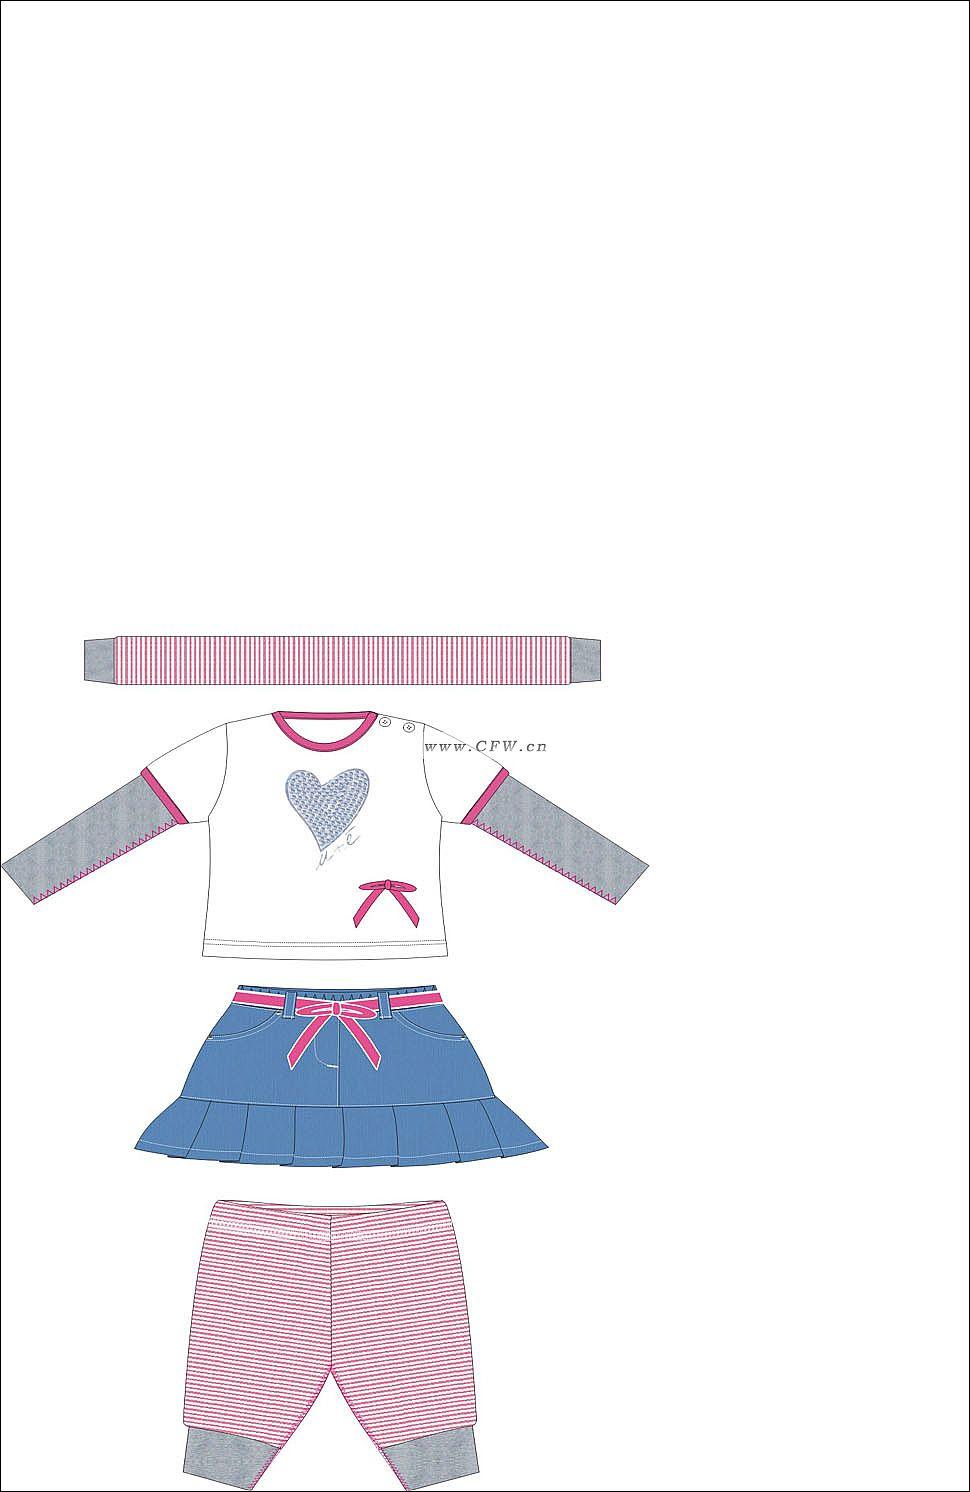 童装设计-童装设计图-童装款式效果图-童装设计师手稿